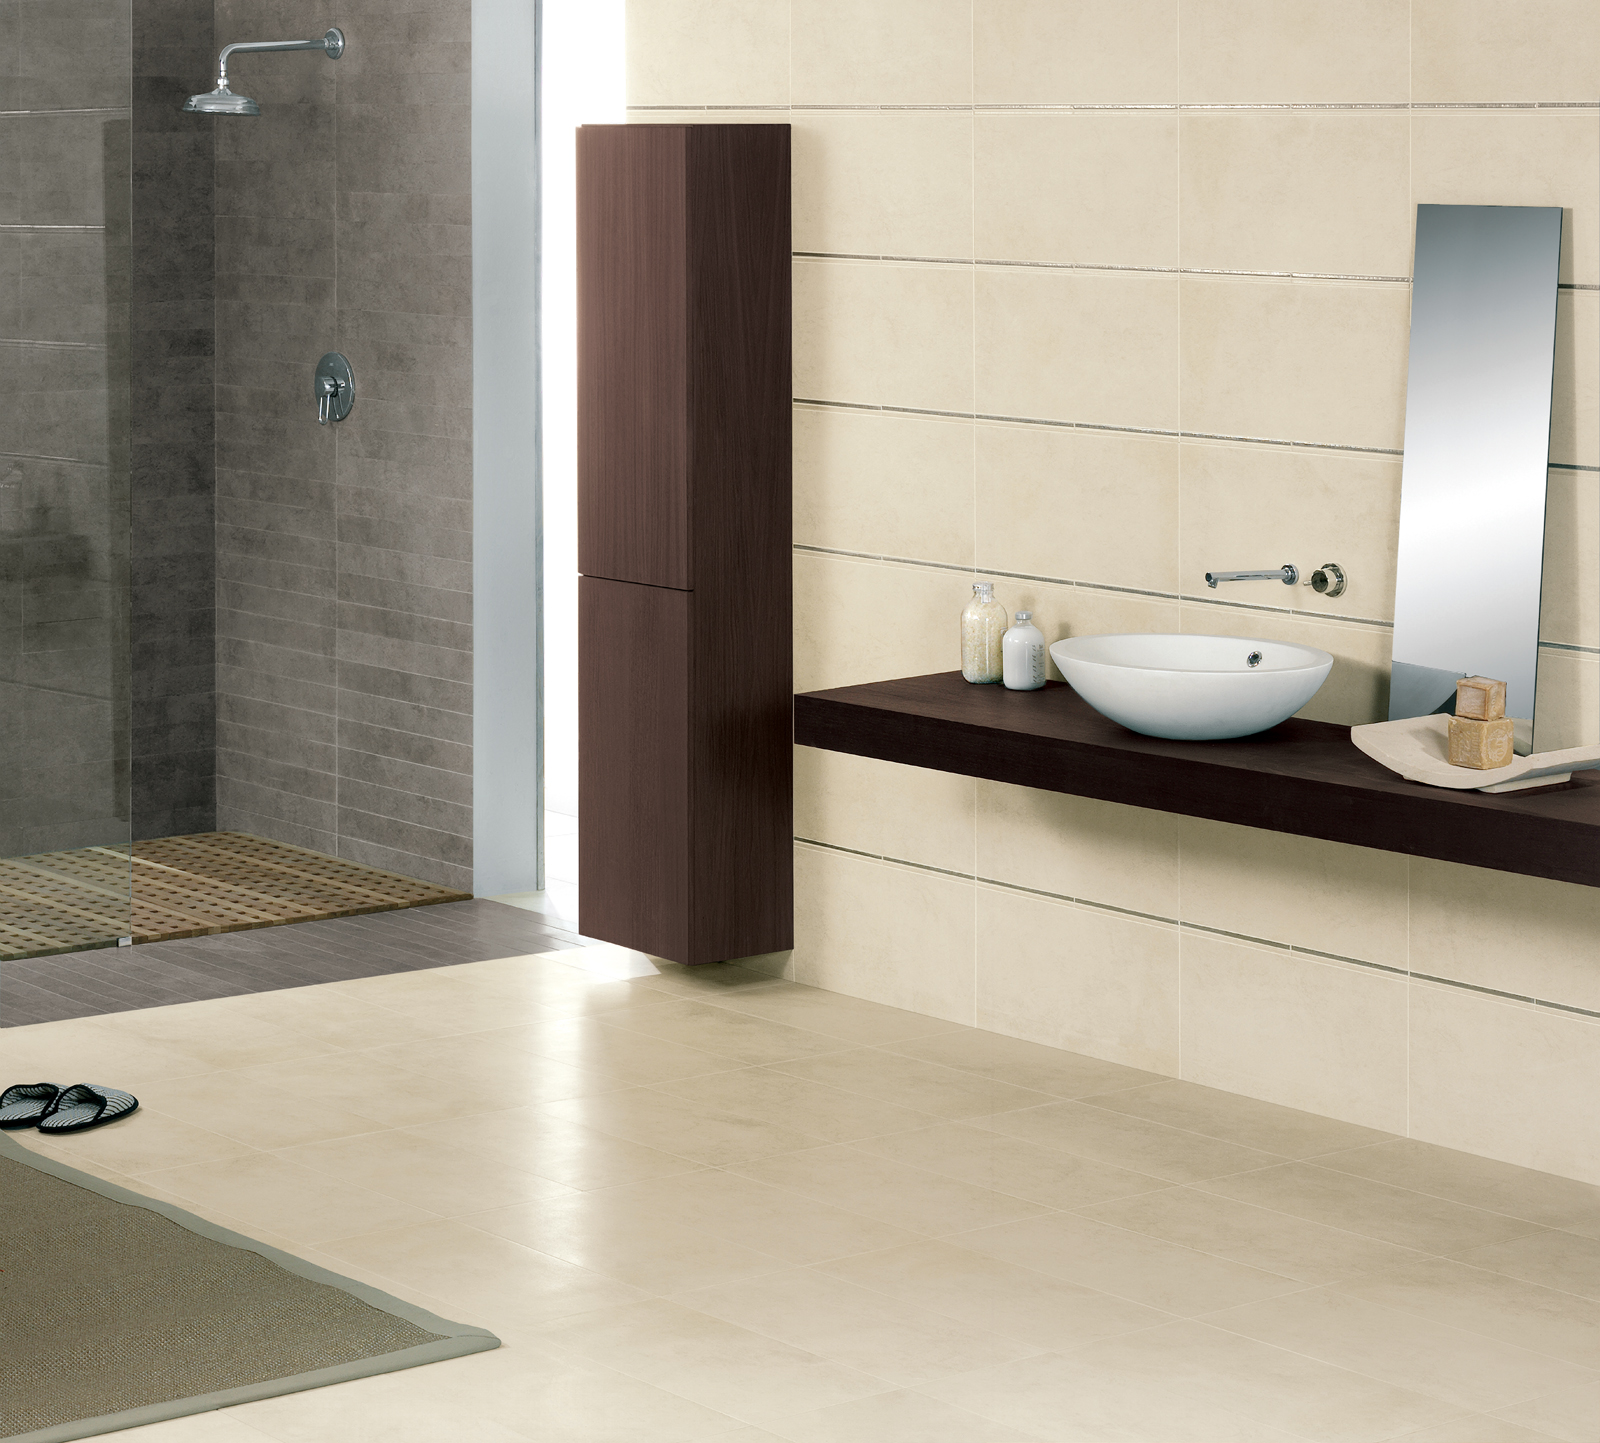 stone collection gres pavimenti e rivestimenti marazzi. Black Bedroom Furniture Sets. Home Design Ideas